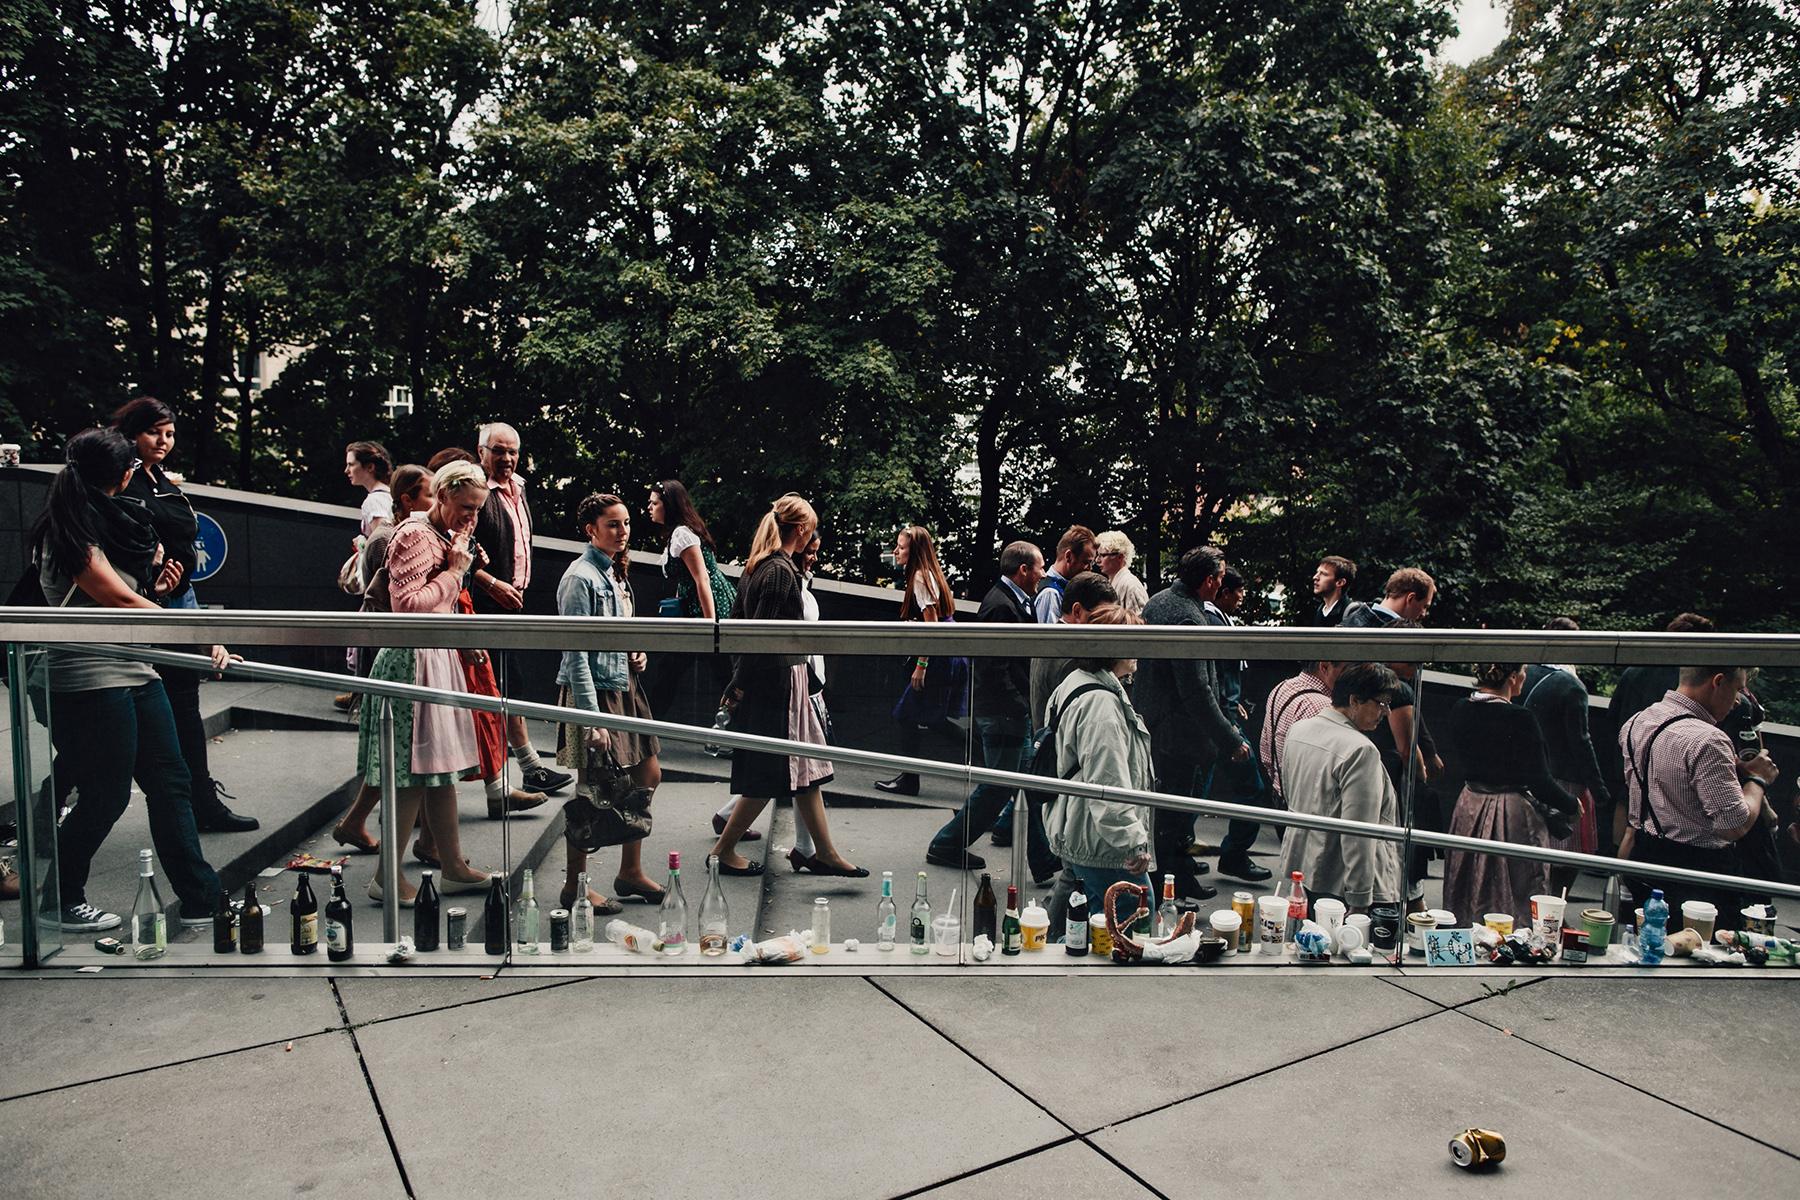 Oktoberfest-Photographs-Munich-0006.jpg